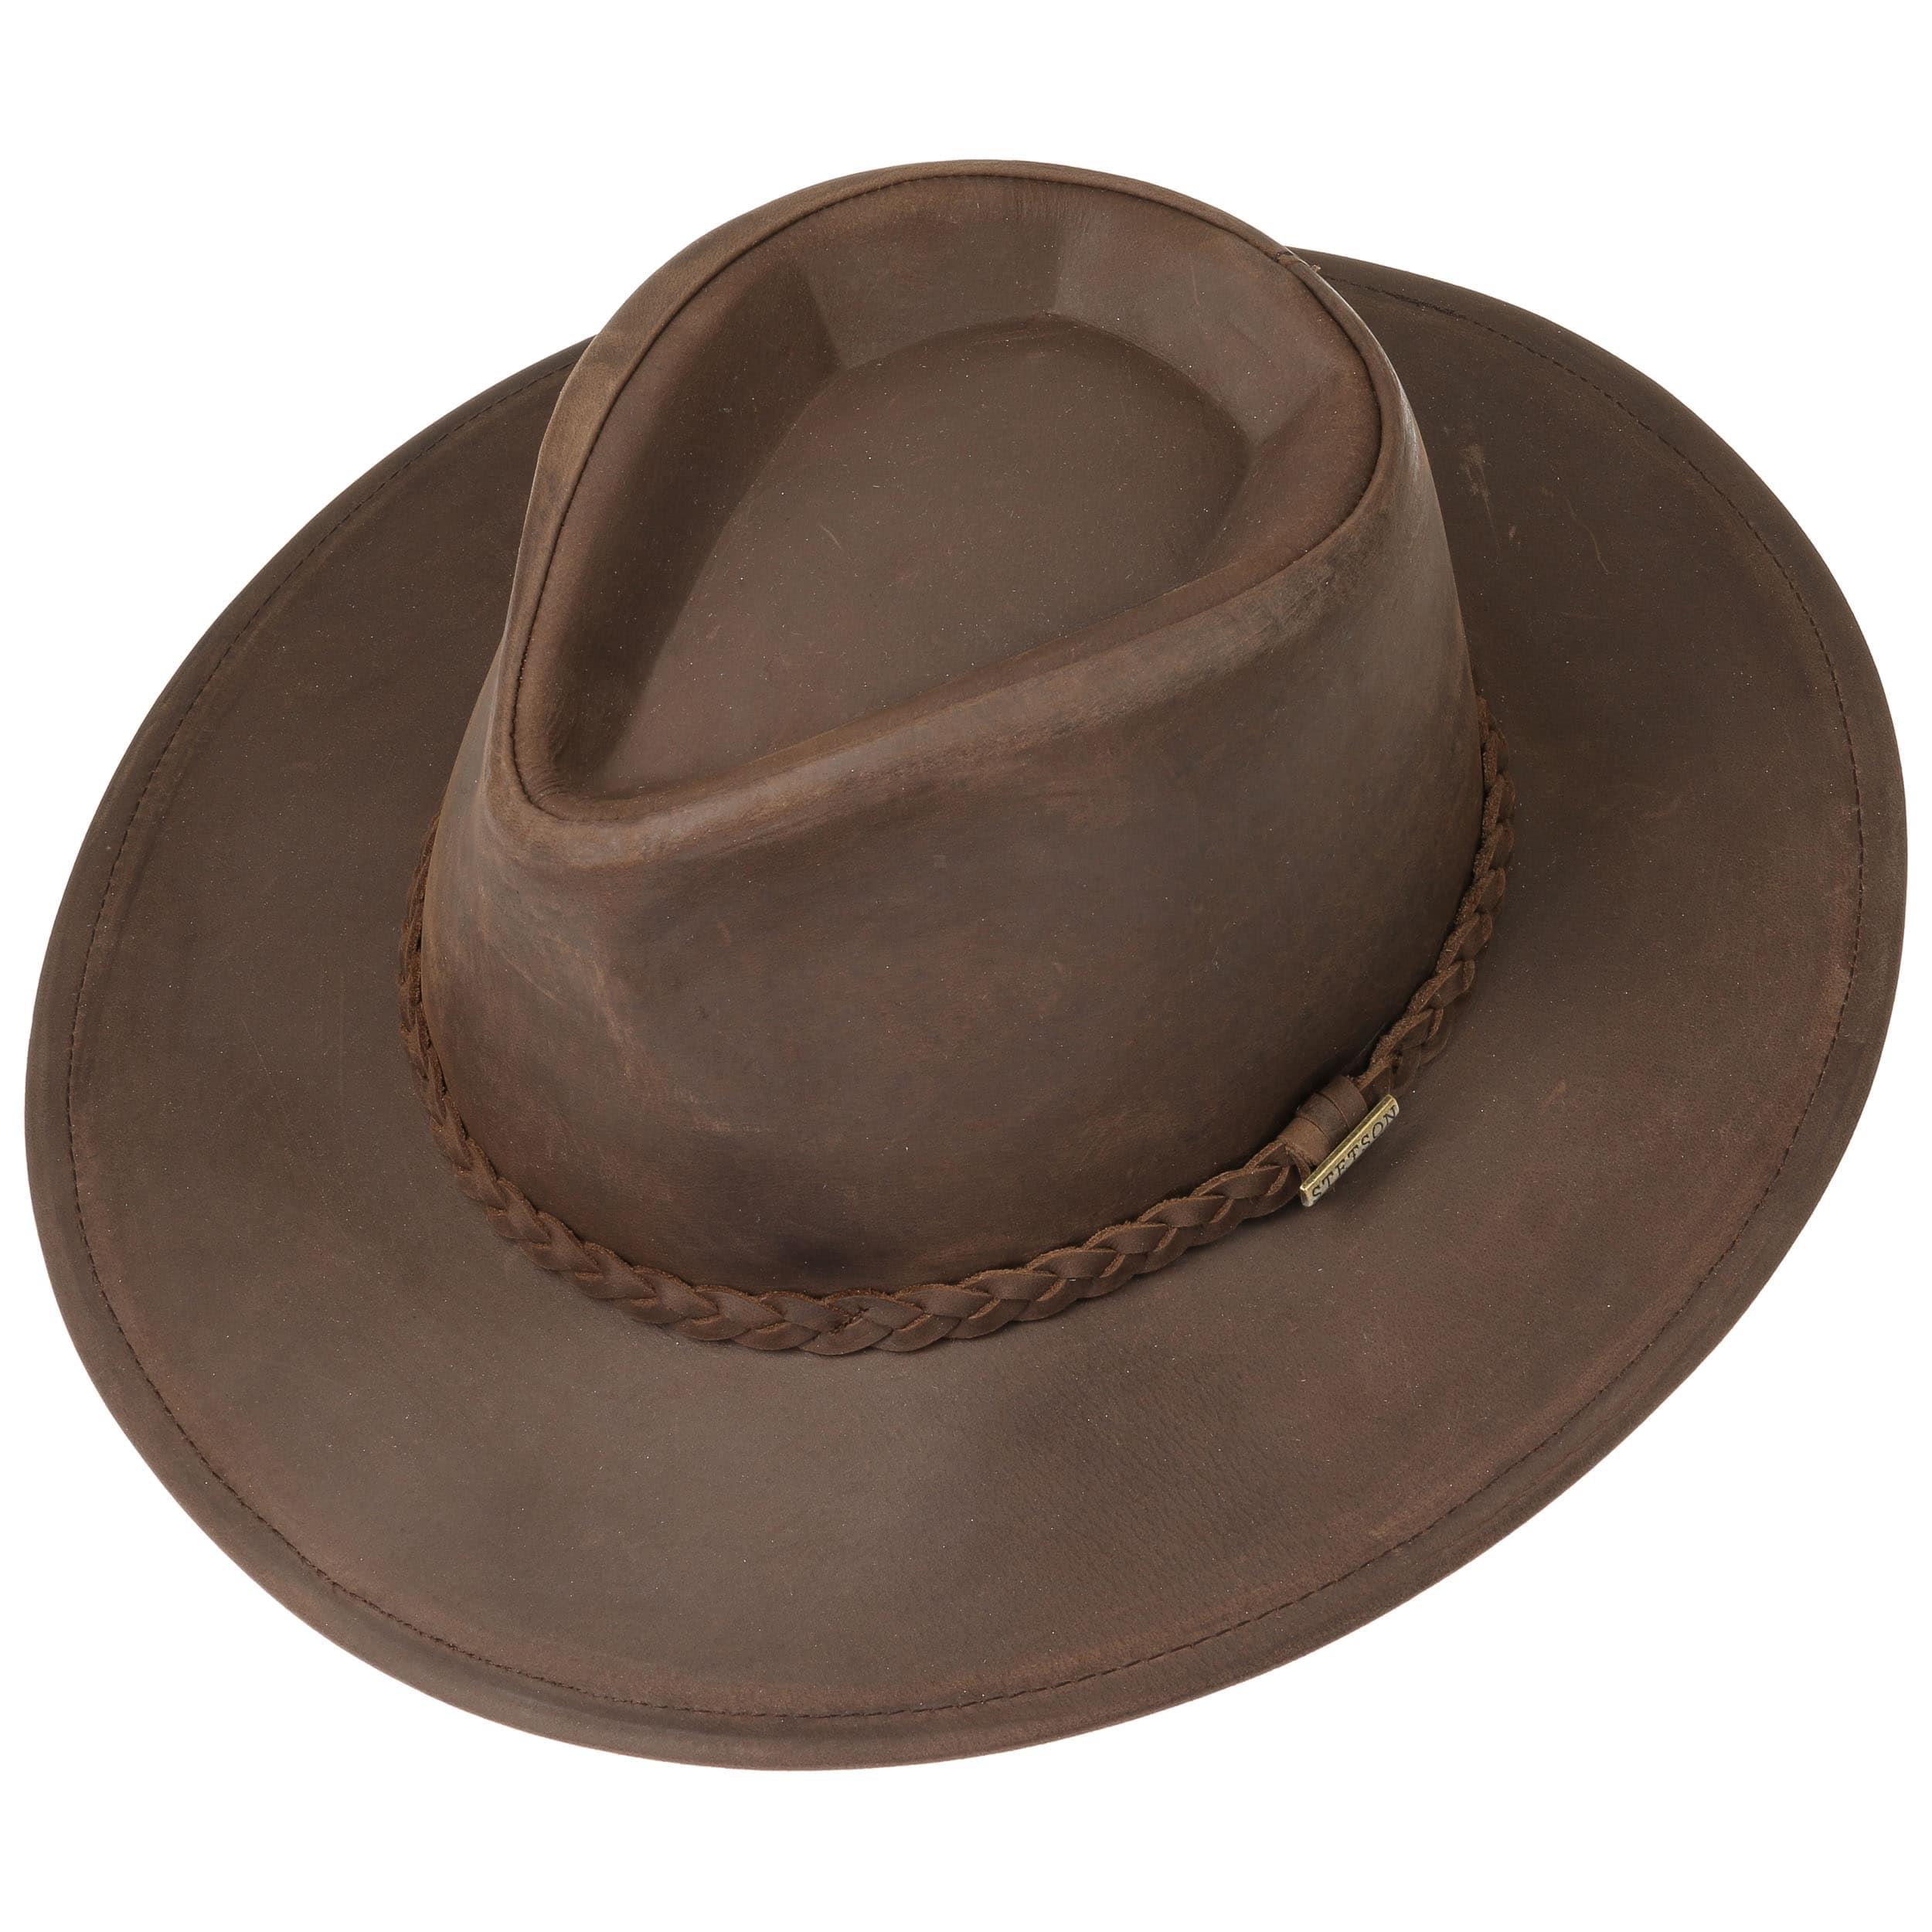 3e015c565791c Sombrero Western Buffalo Leather by Stetson - marrón oscuro 1 ...